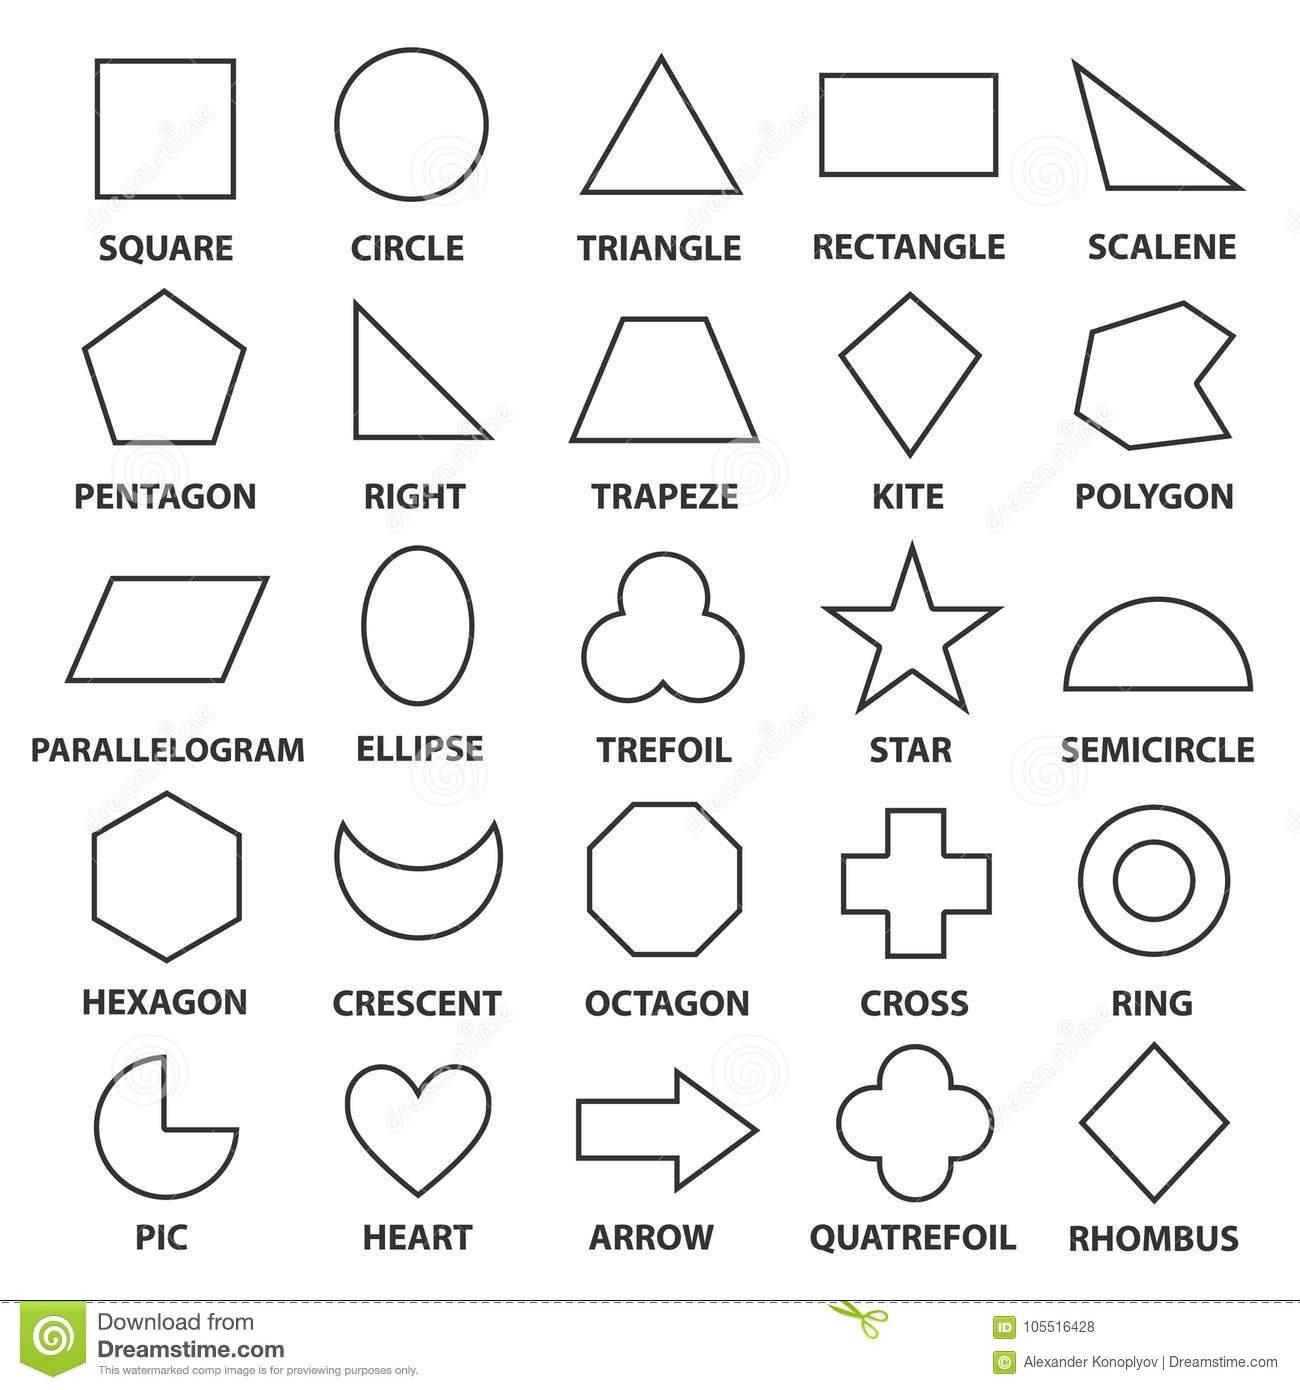 Grundlegende Geometrische Formen Vektor Abbildung für Mathematische Formen